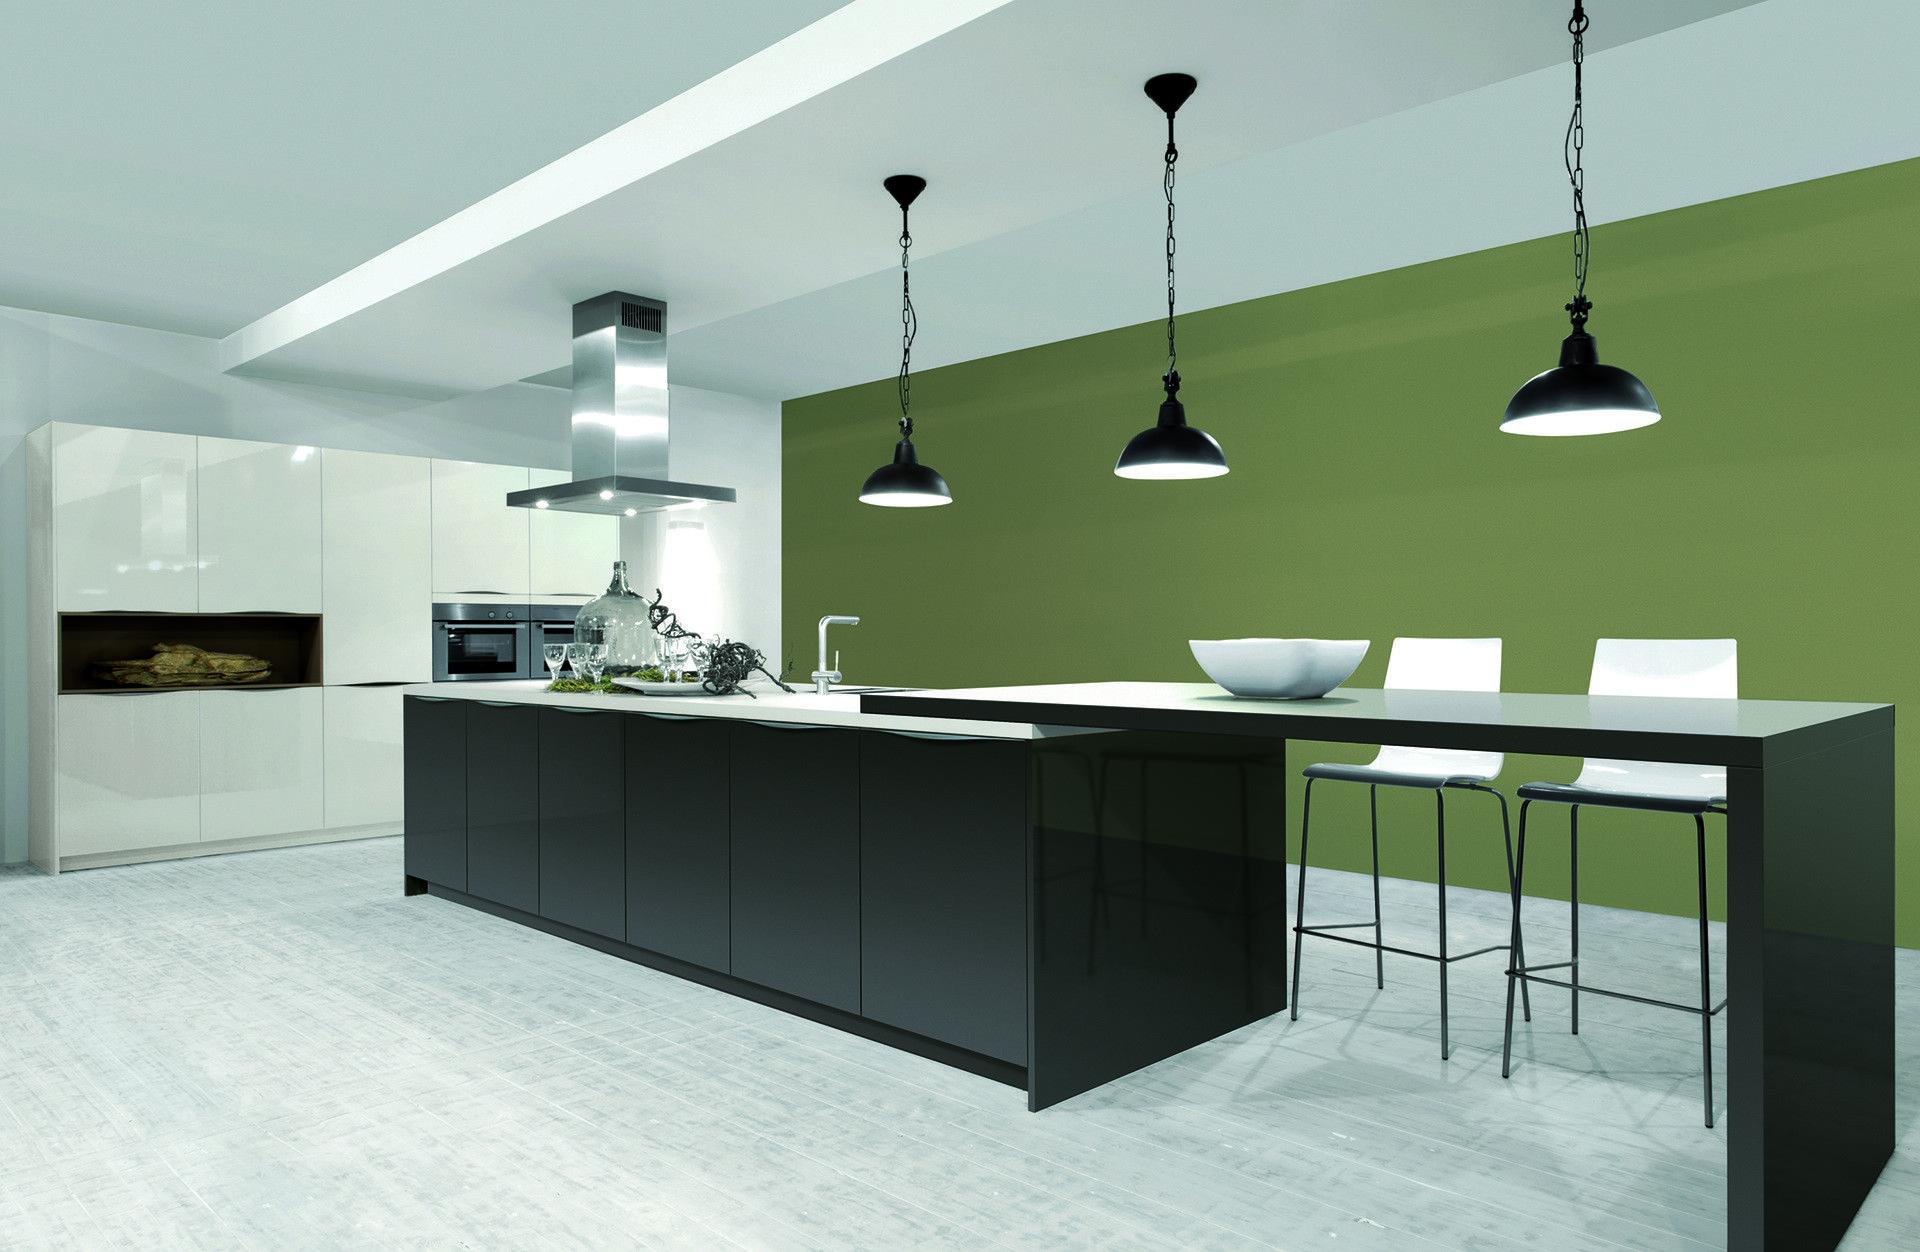 Keuken Moderne Zwart : Designkeuken met hoogglans en matte kasten deze moderne keuken